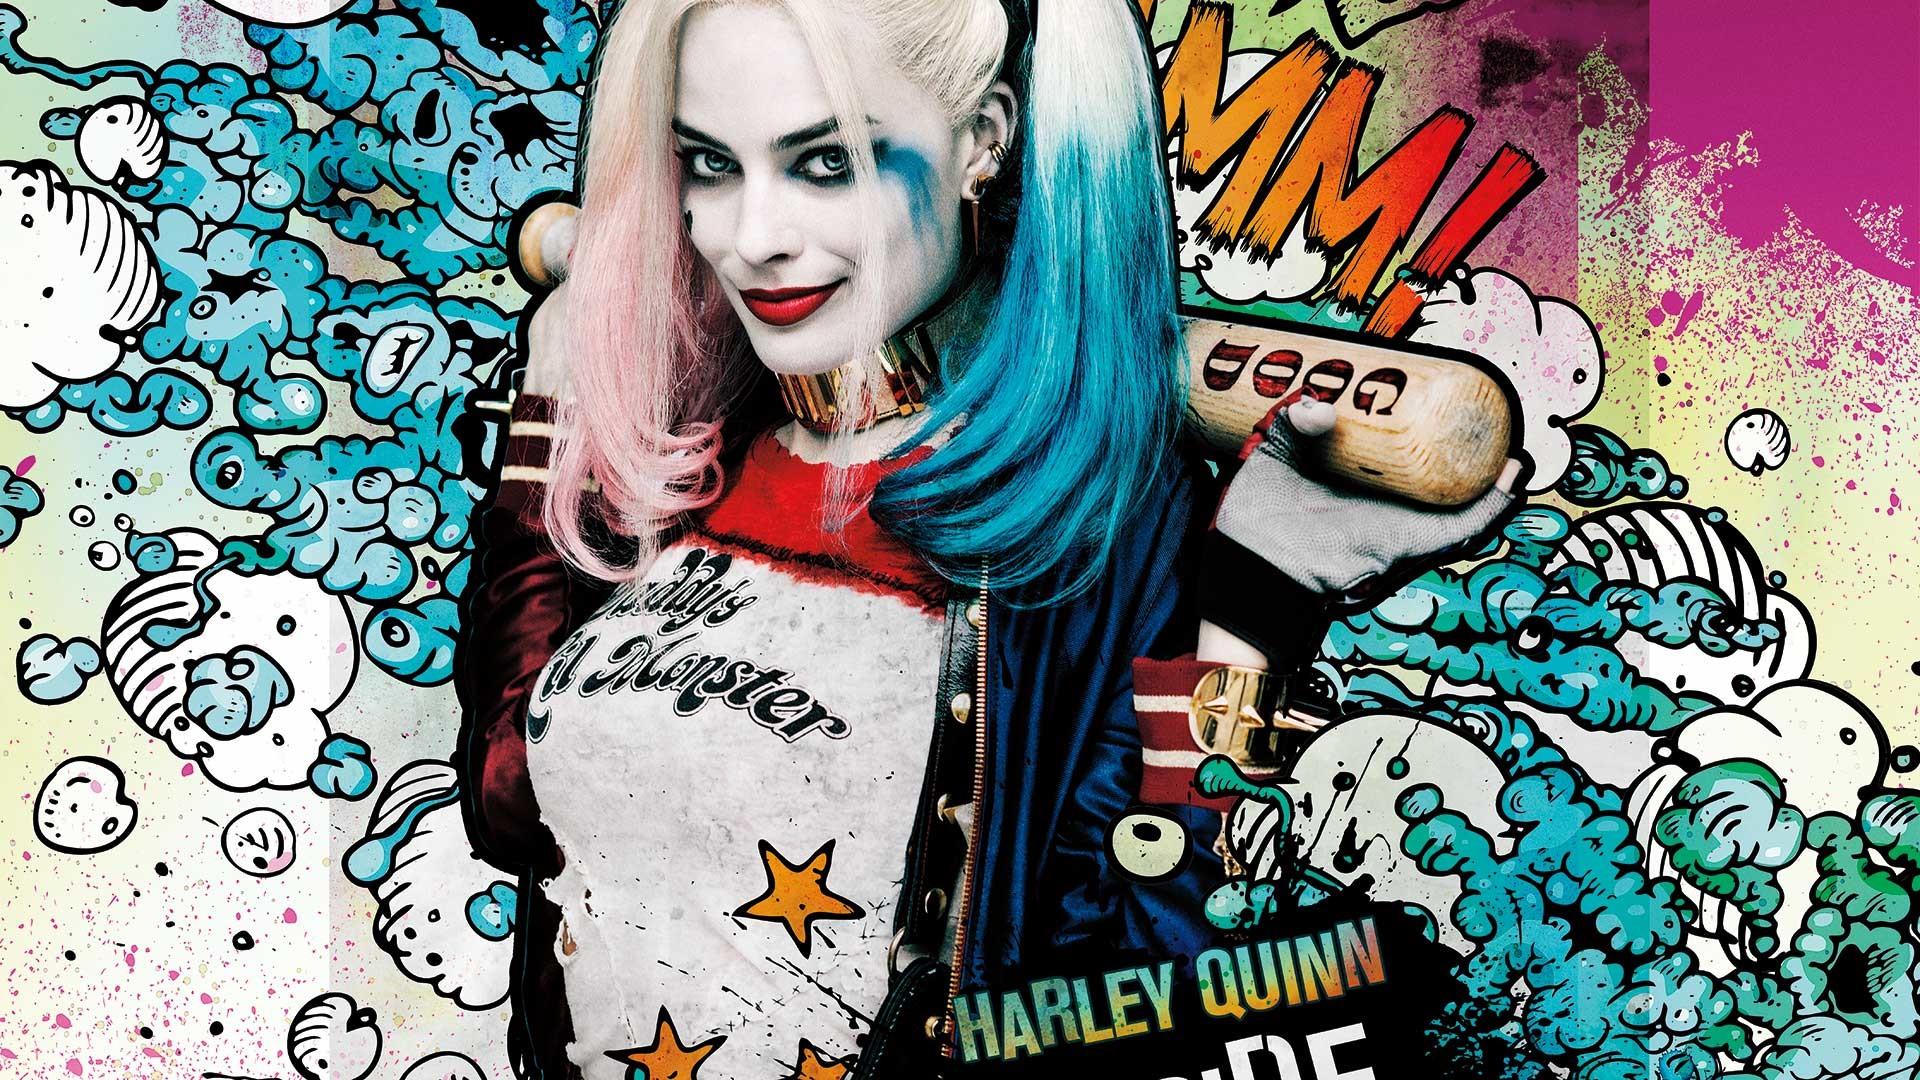 Fantastic Wallpaper Logo Harley Quinn - 582109  You Should Have_775551.jpg